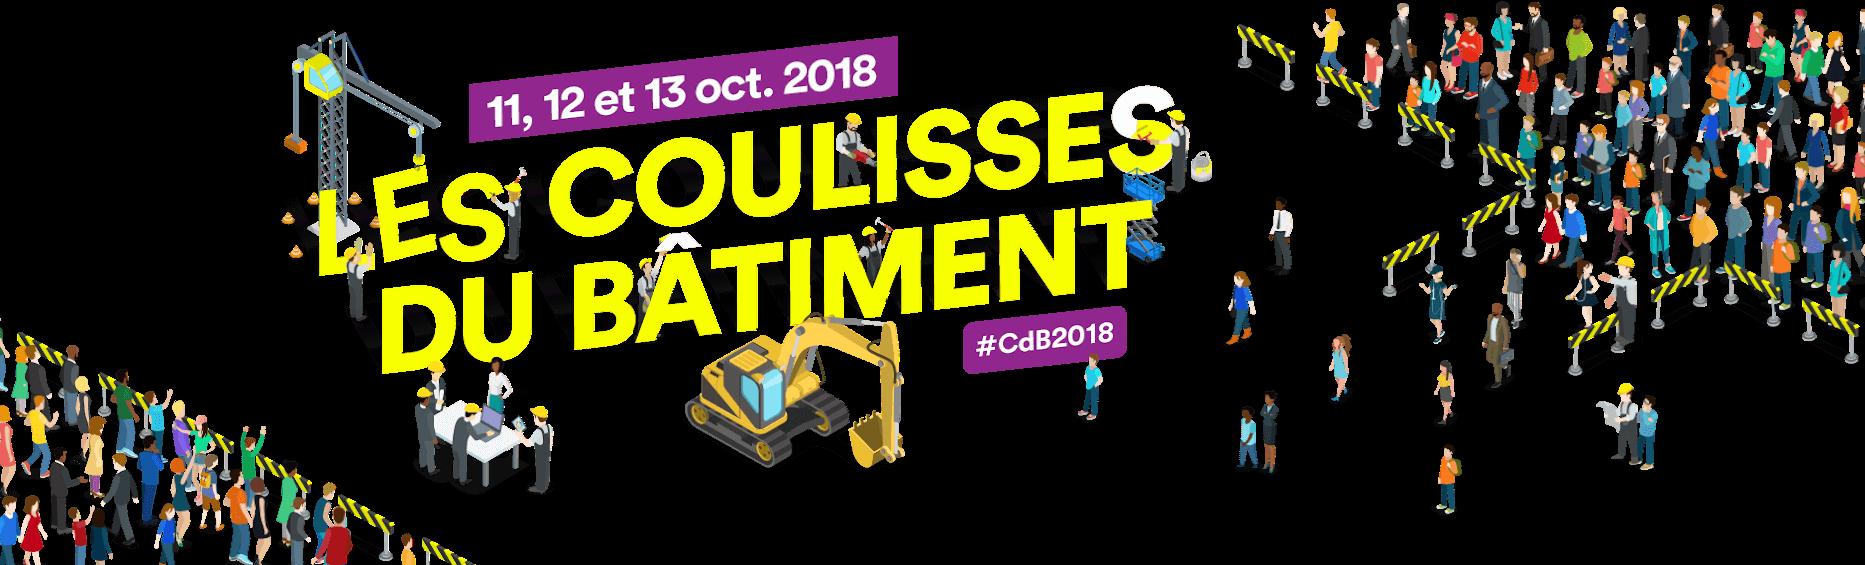 banniere-coulisses-du-batiment-2018.png